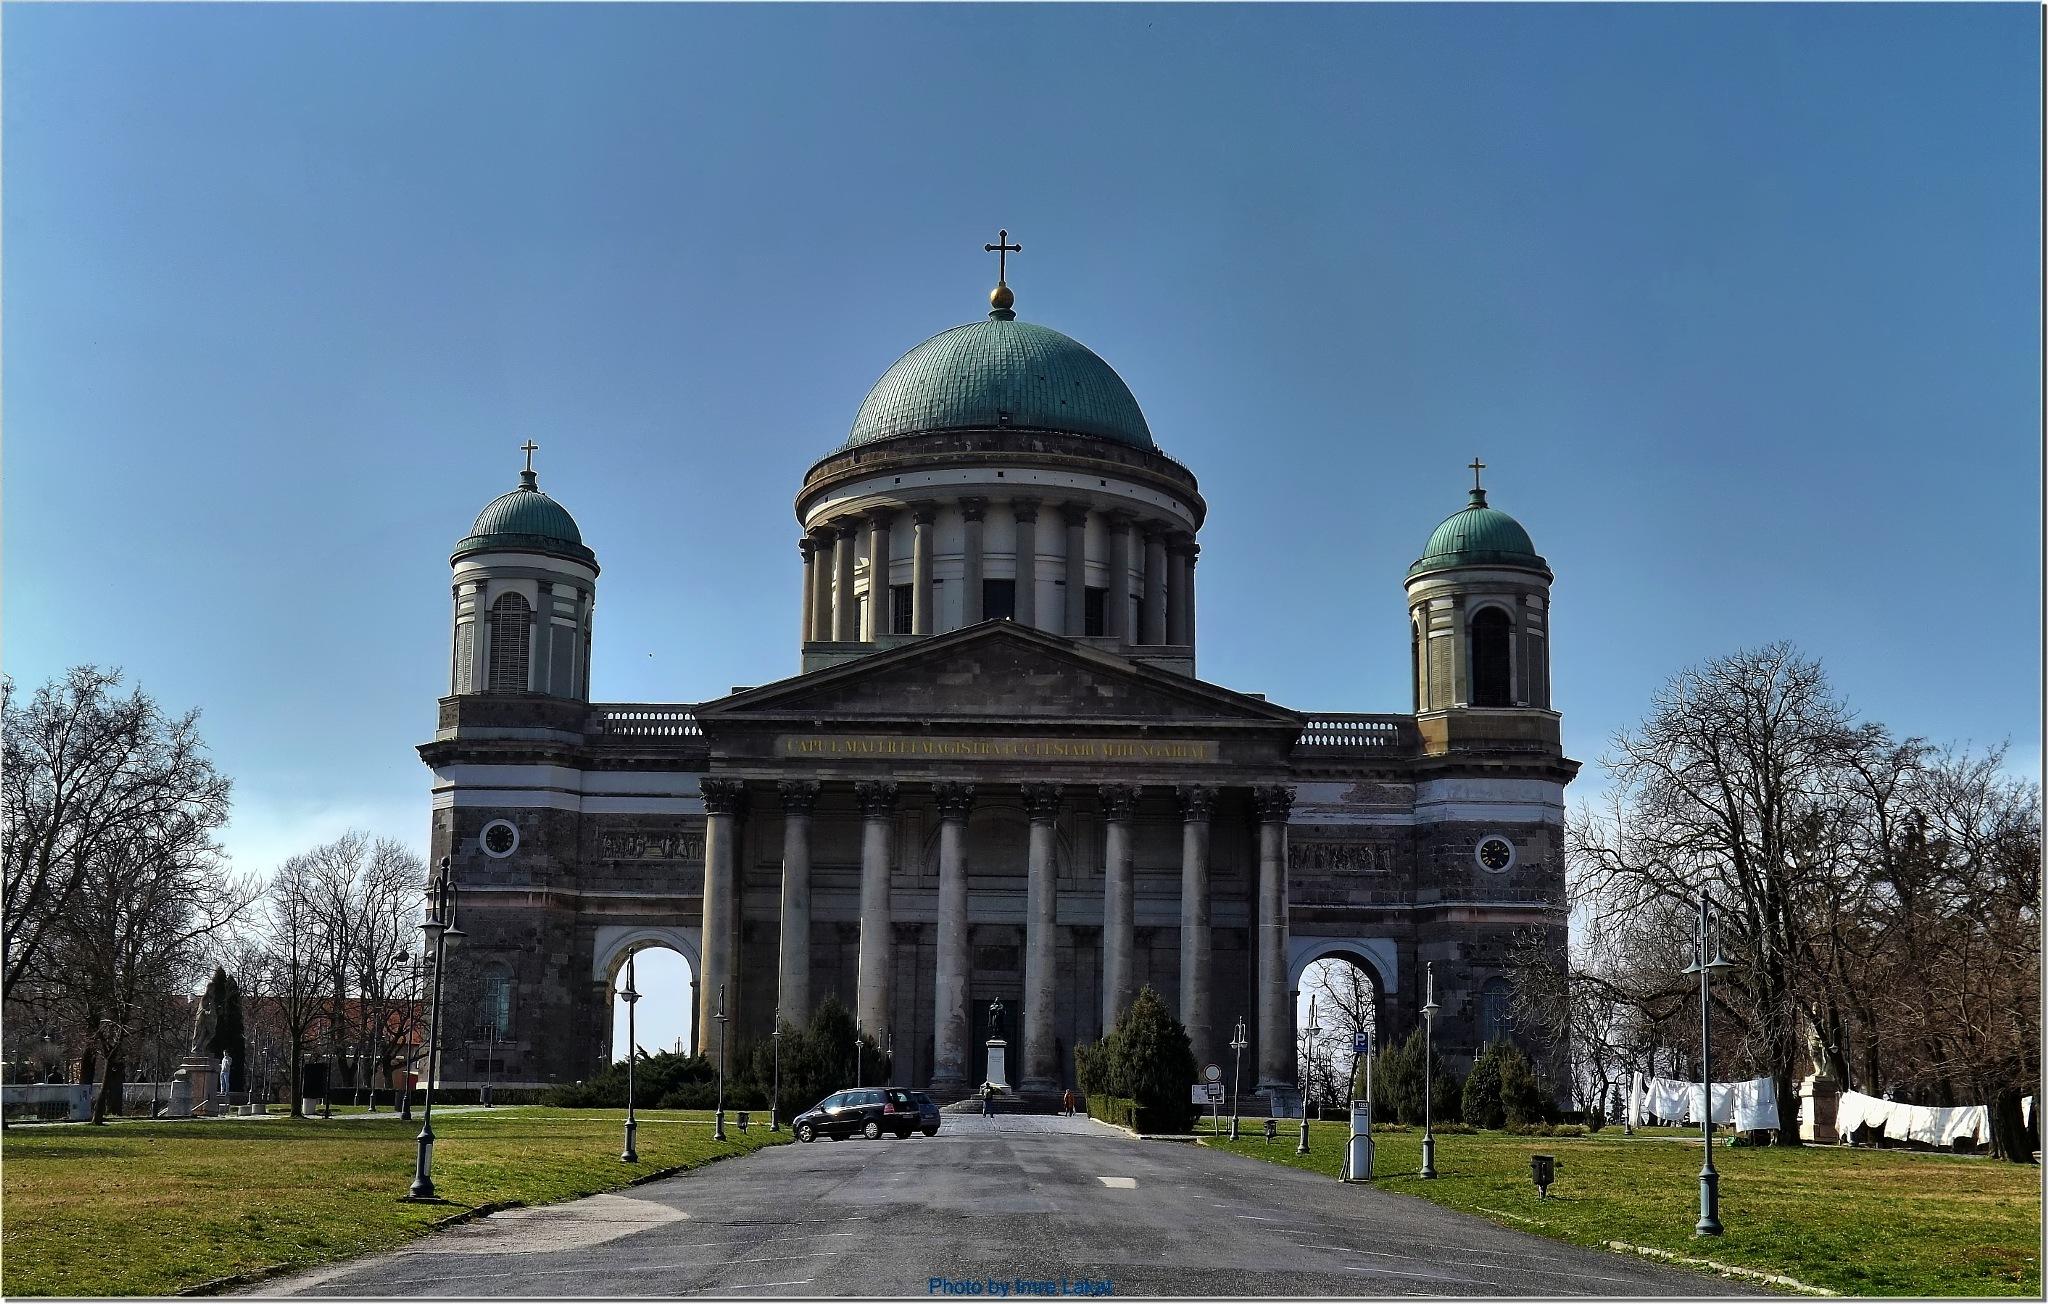 Basilica in Esztergom city by Imre Lakat